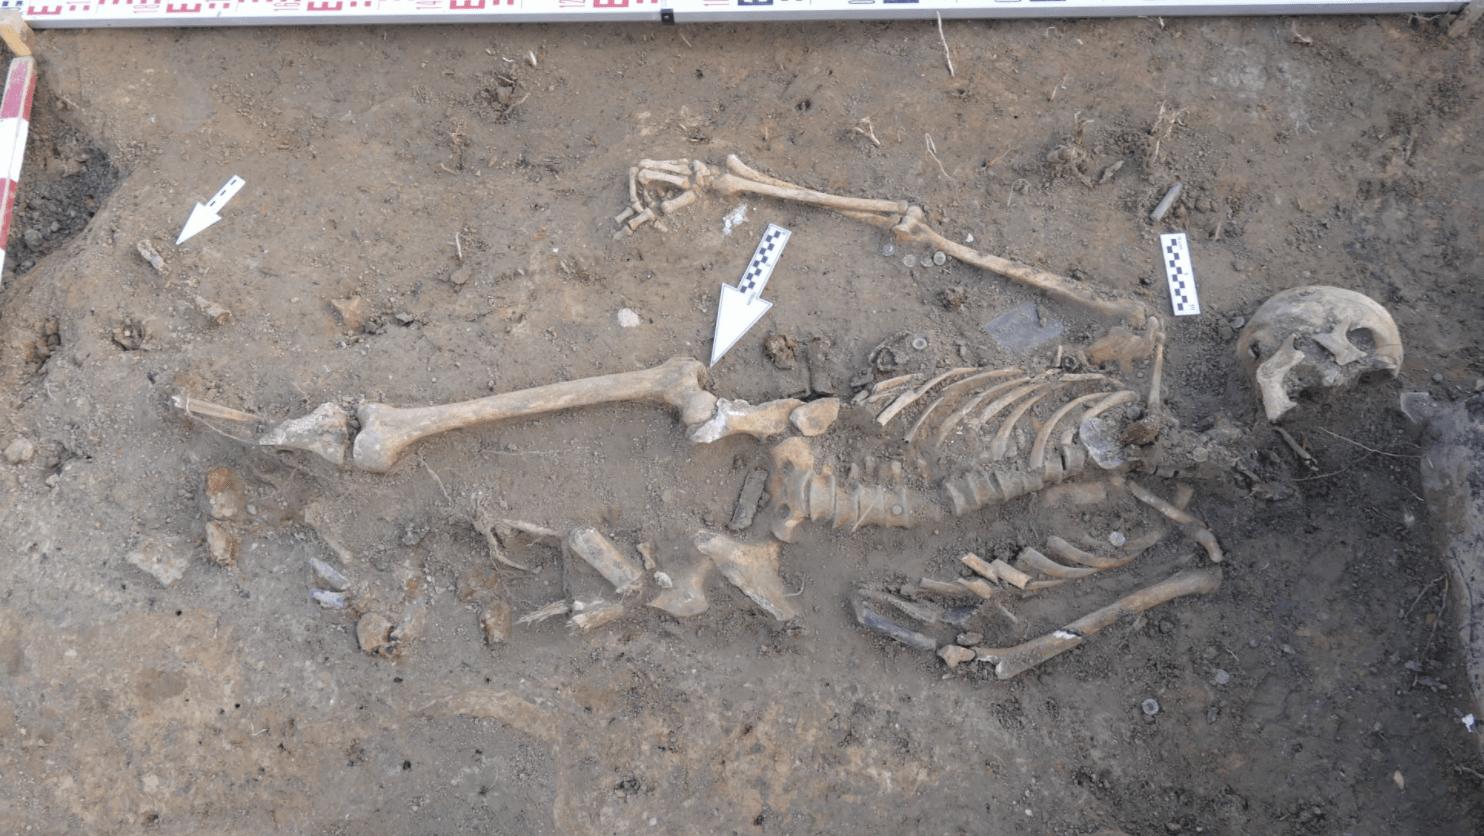 Odkrycie z czasów II wojny światowej na budowie w Lublinie. Znaleziono szkielety i amunicję - Zdjęcie główne